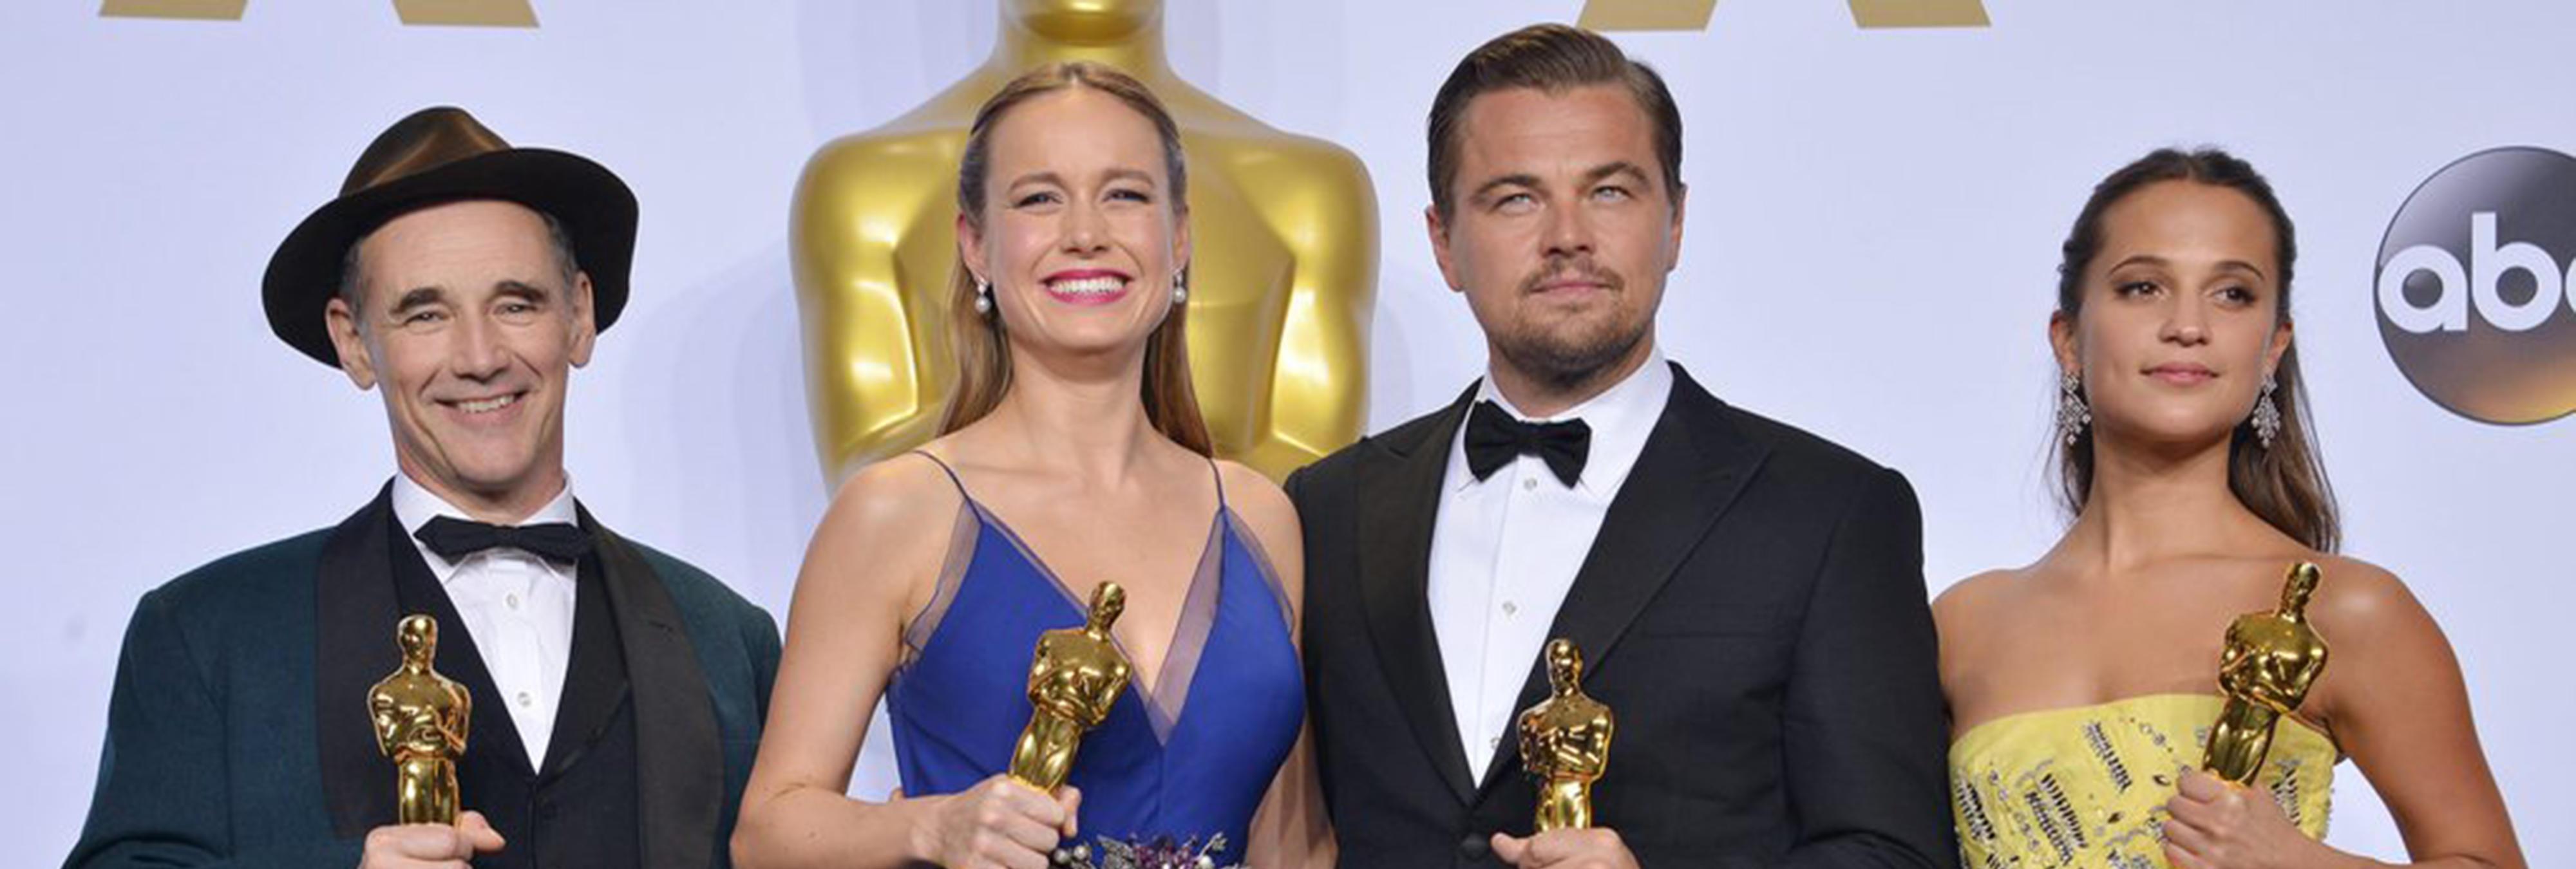 Los mejores memes y momentazos de los Oscars 2016